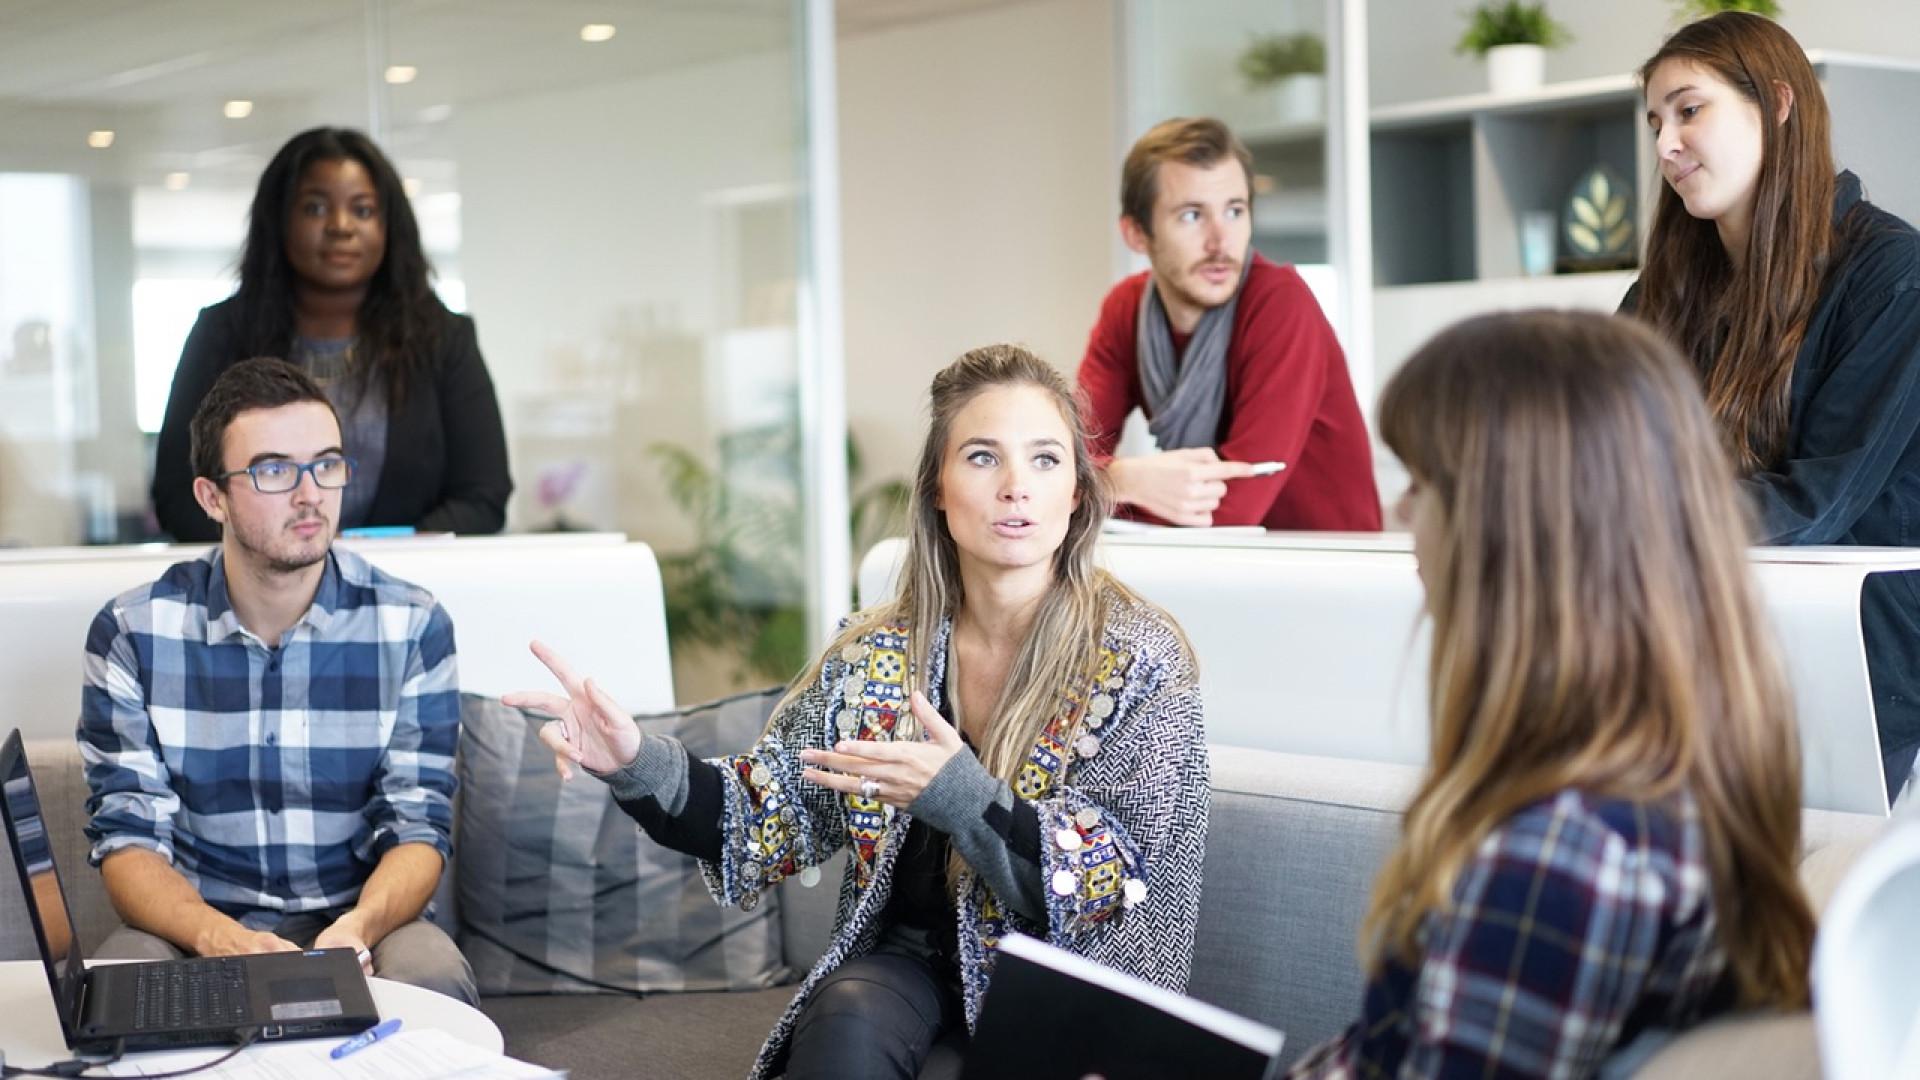 Développer un business : donner de la visibilité à votre commerce en ligne 3